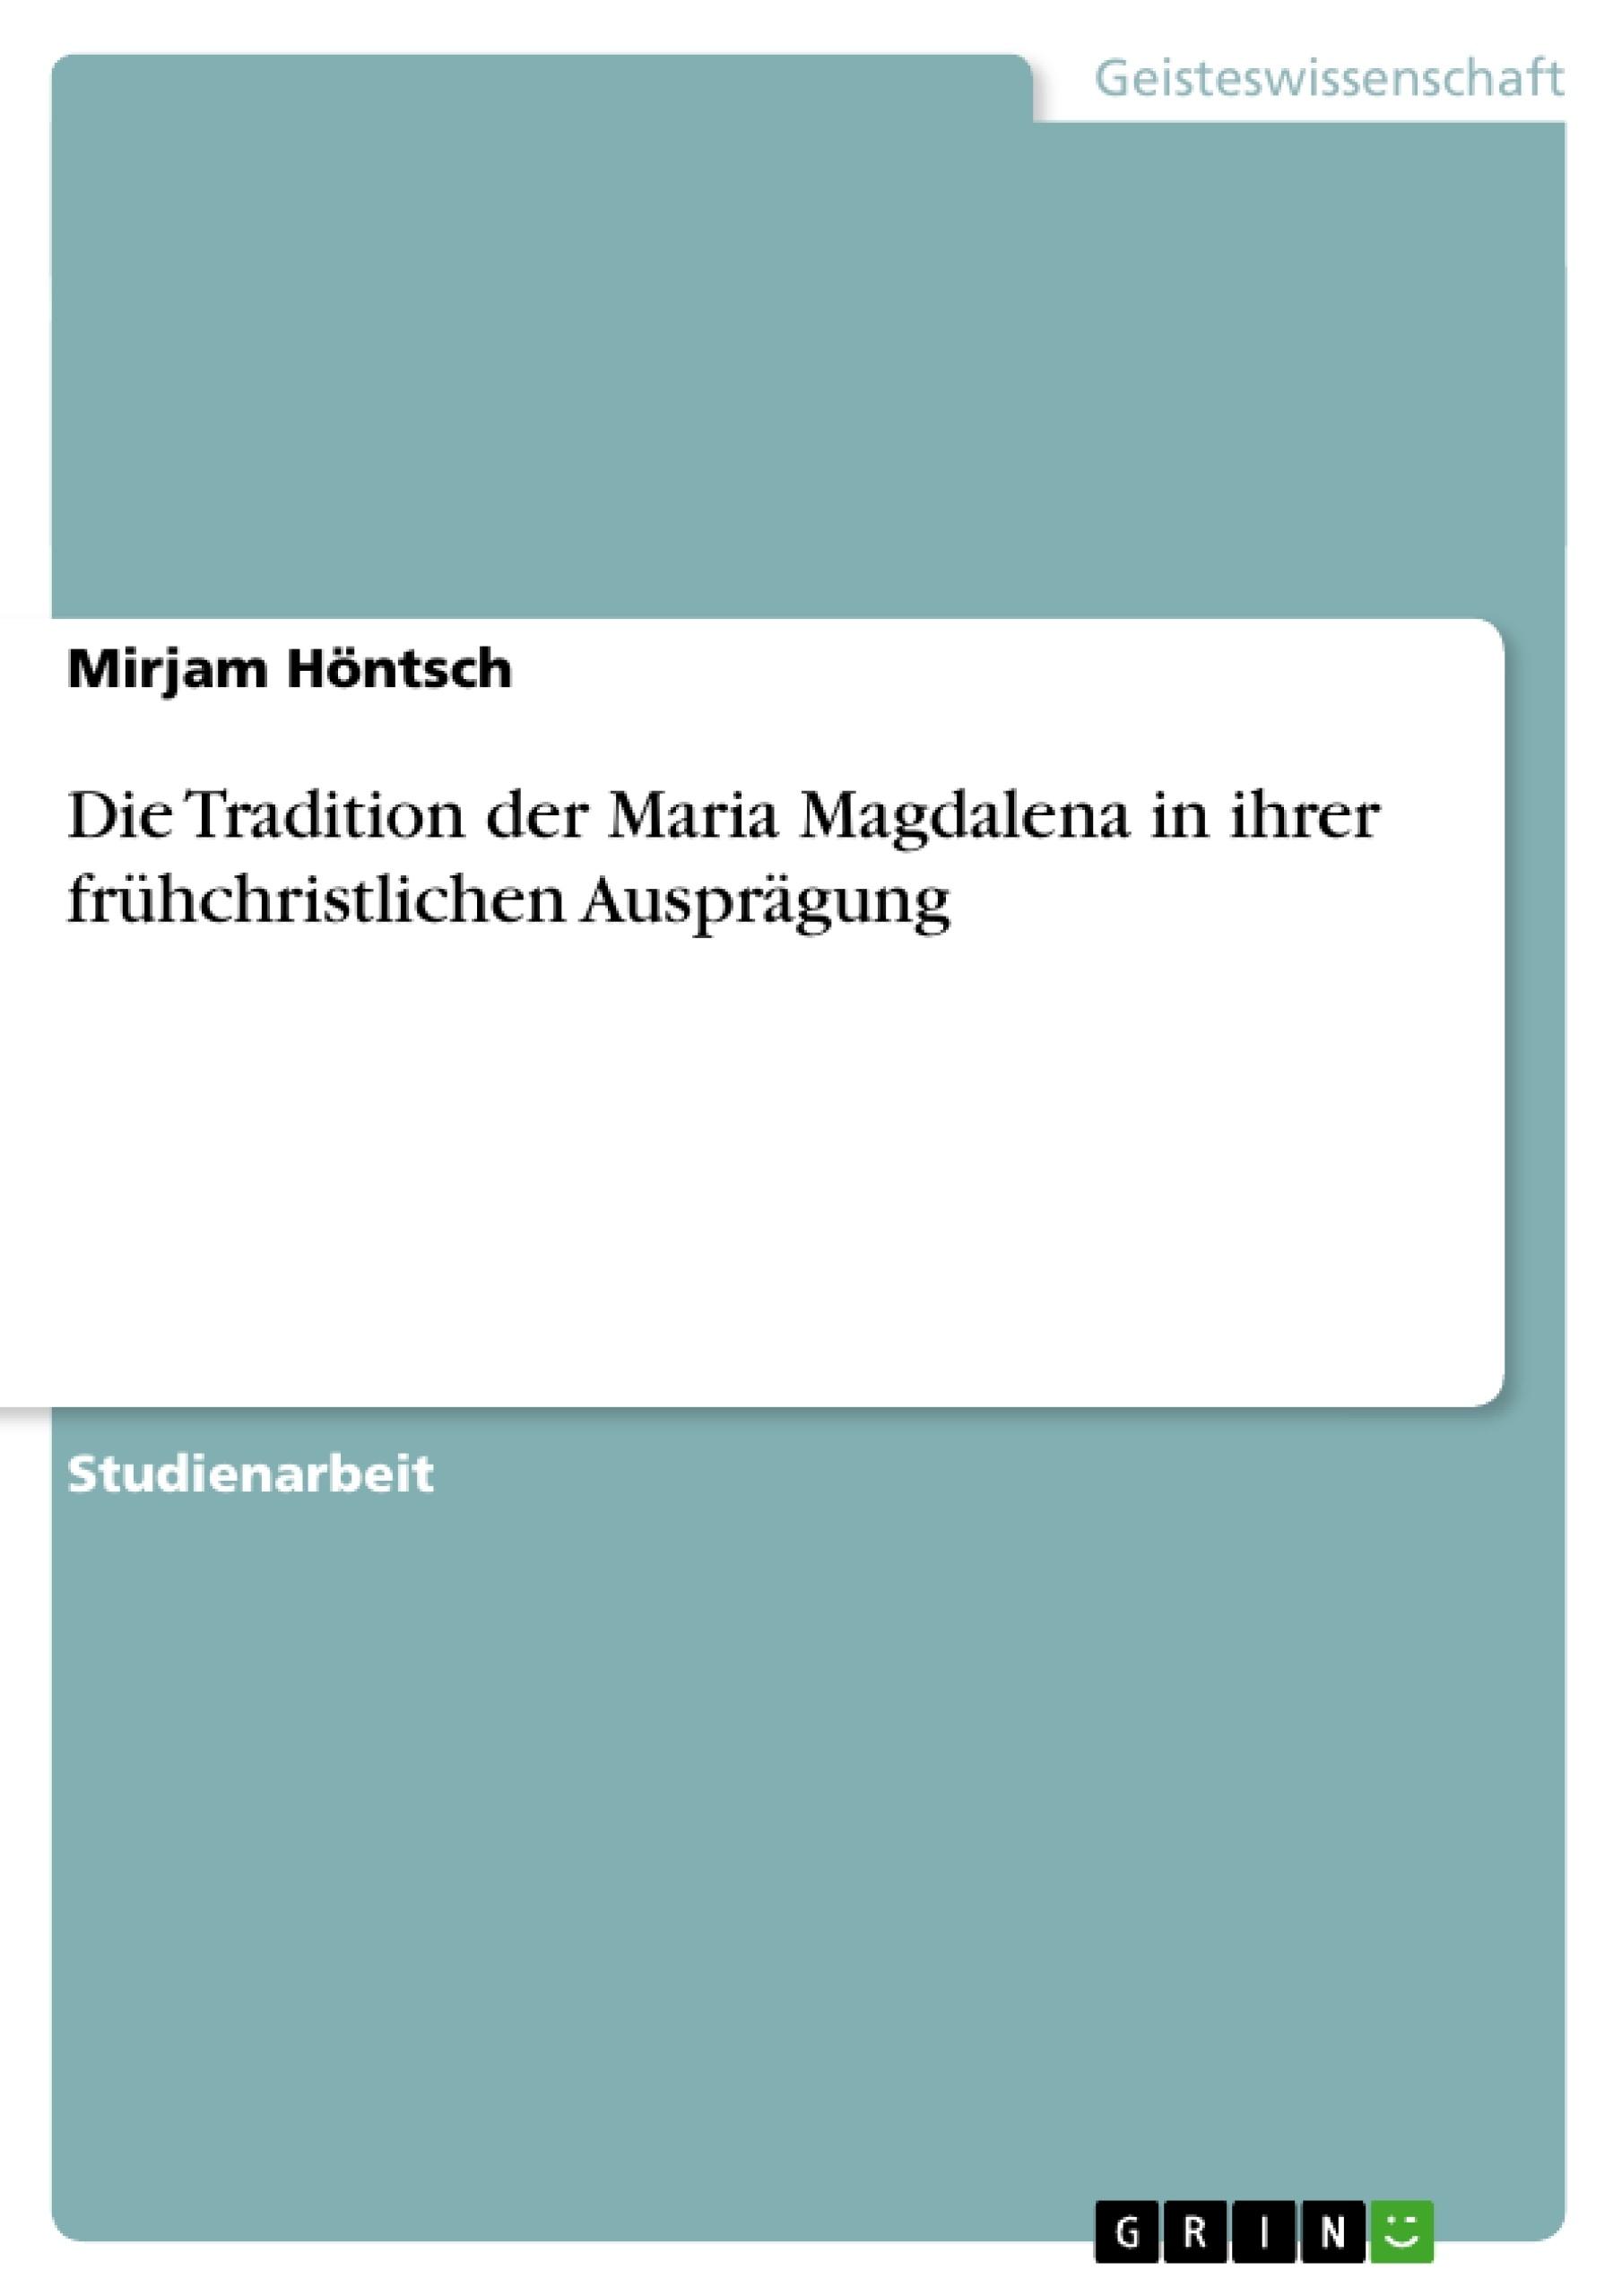 Titel: Die Tradition der Maria Magdalena in ihrer frühchristlichen Ausprägung